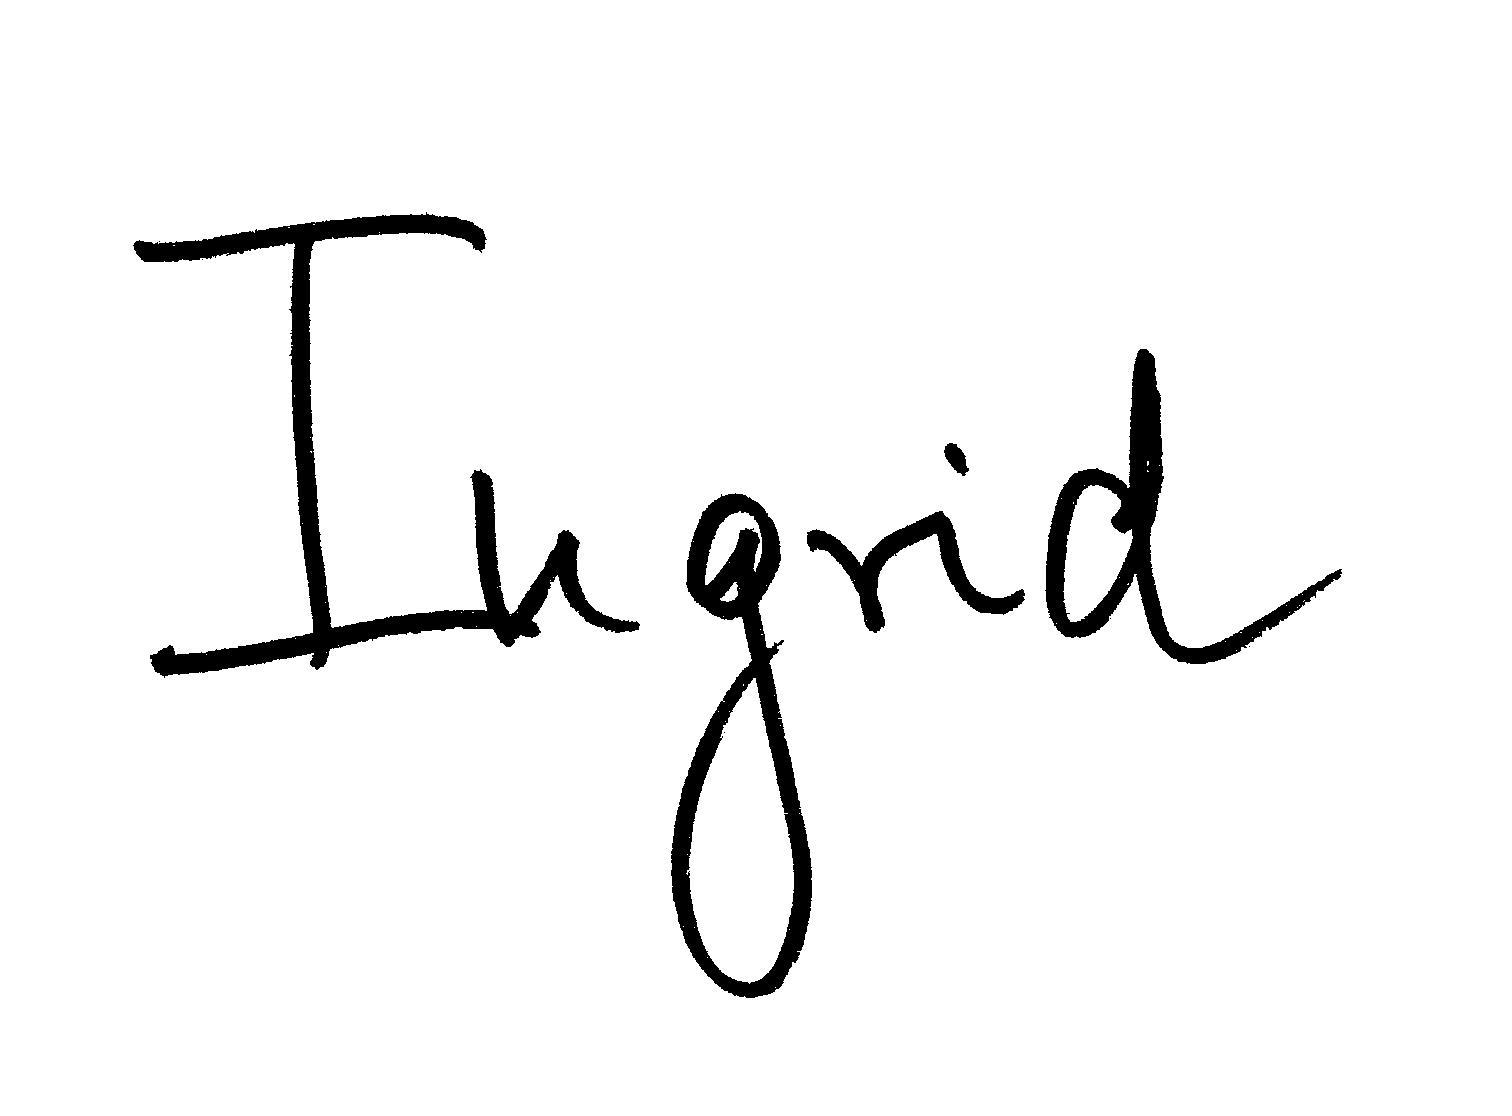 Ingrid McCarthy Signature